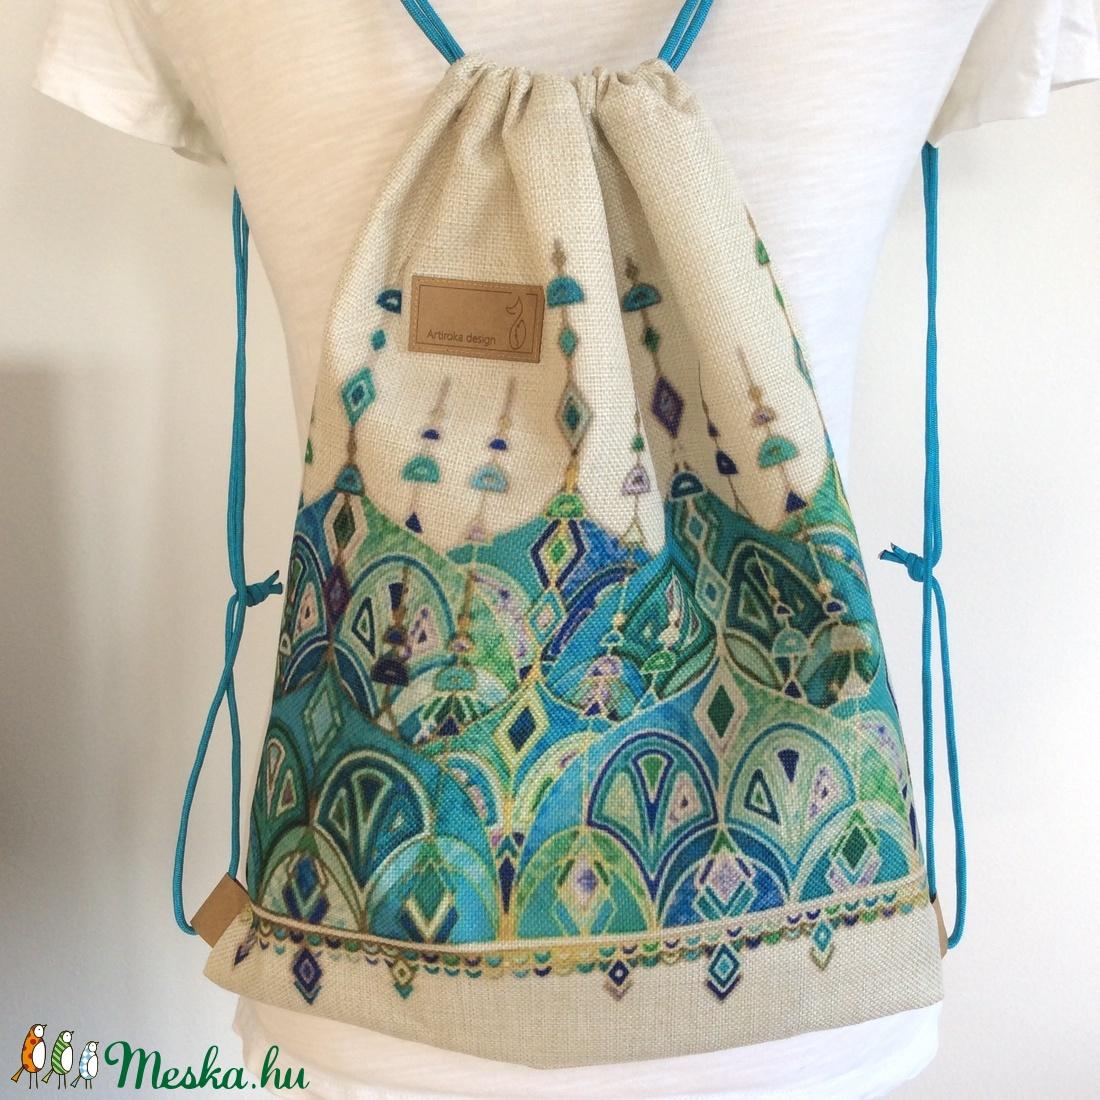 Tavaszi türkiz mintás hátizsák erős lenvászonból - egyedi darab (Mesedoboz)  - Meska.hu c2a08a5098